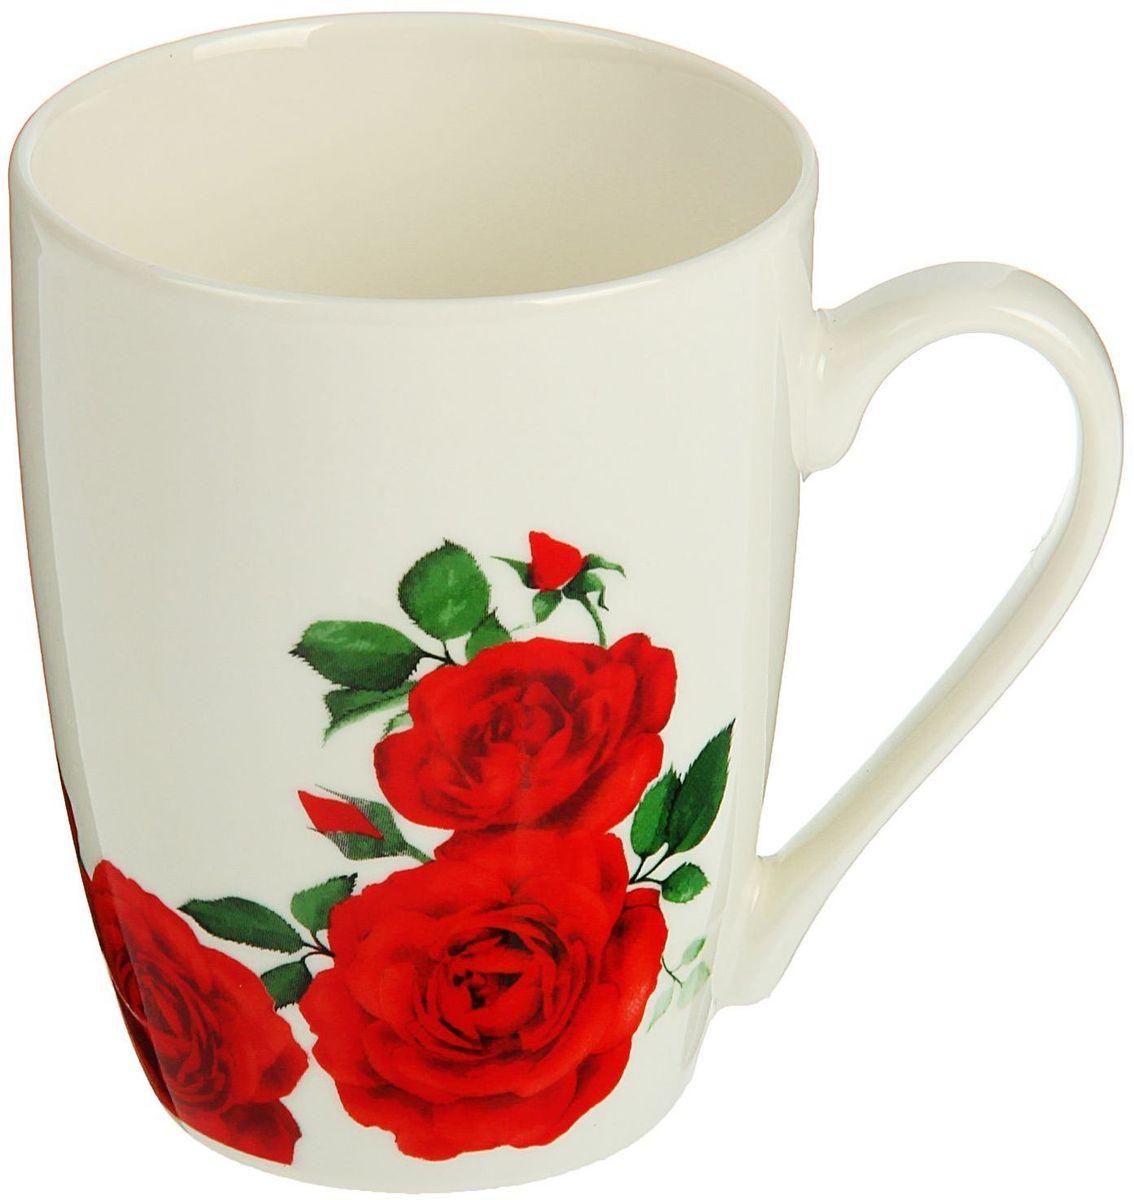 Кружка Доляна Розы, 350 мл115510Хотите обновить интерьер кухни или гостиной? Устраиваете необычную фотосессию или тематический праздник? А может, просто ищете подарок для близкого человека?Кружка станет любимым аксессуаром на долгие годы. Относитесь к изделию бережно, и оно будет дарить прекрасное настроение каждый день!